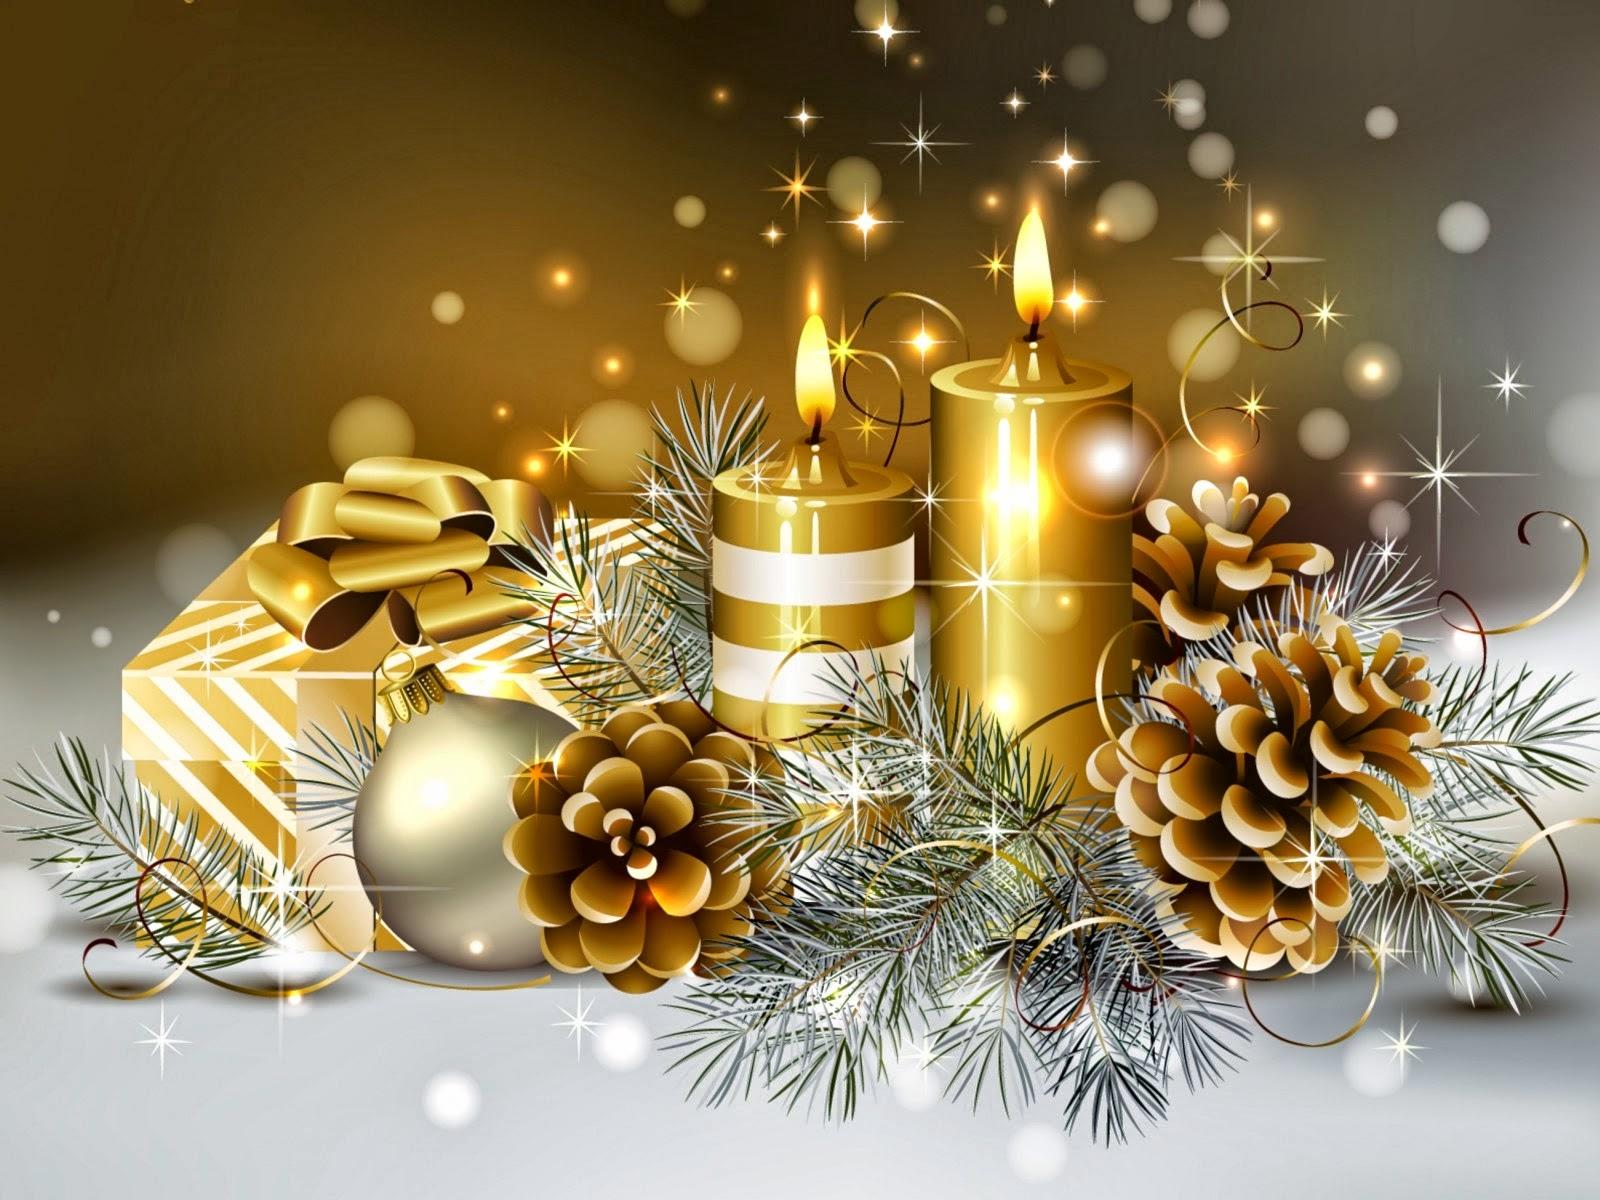 Velas De Navidad Colorido Velas Santa Claus Cumpleaos Velas Navidad - Velas-de-navidad